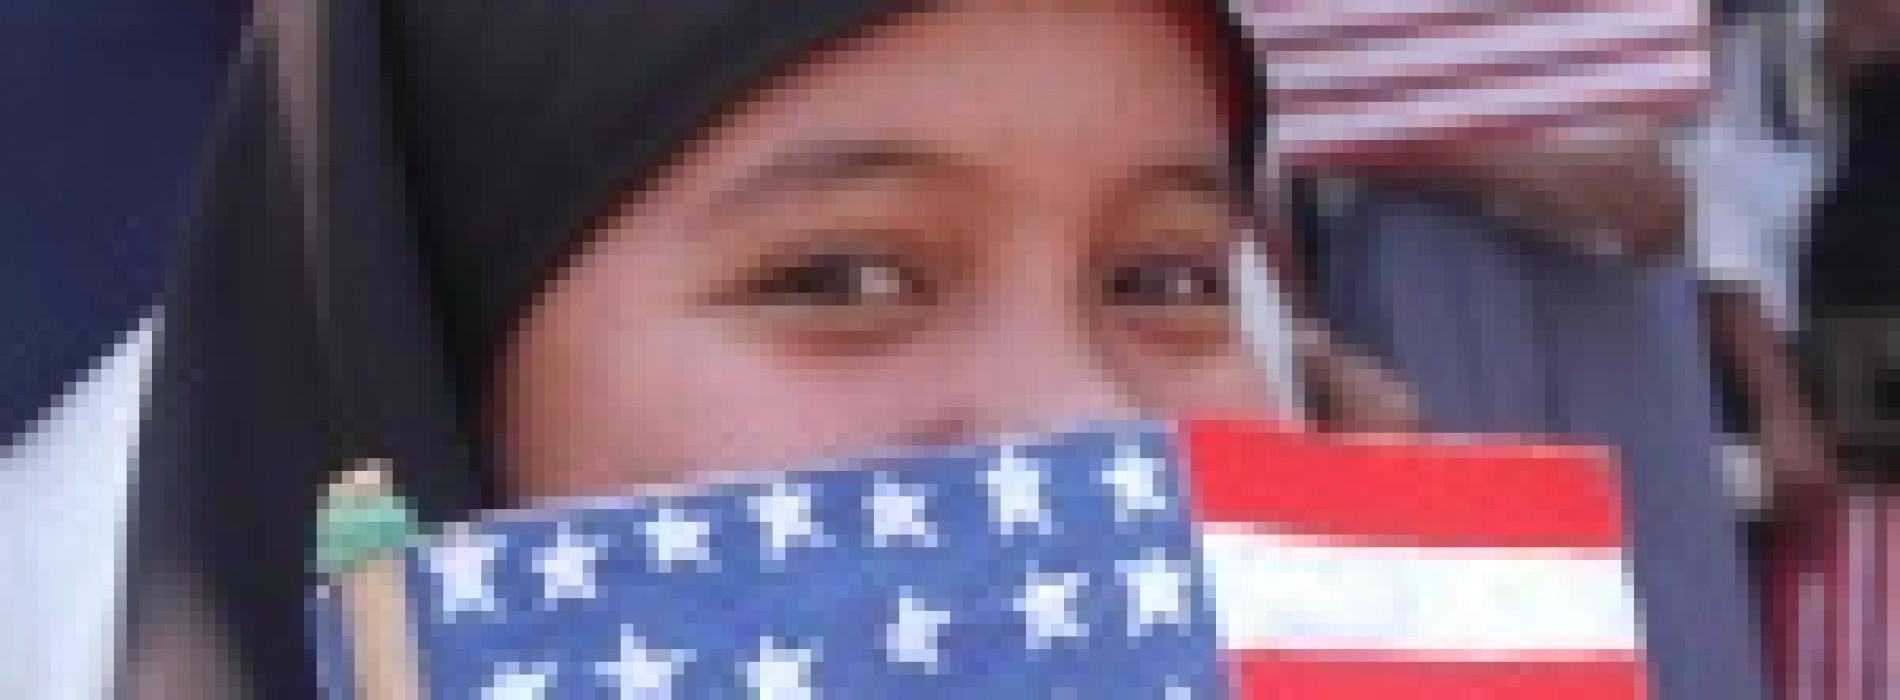 Islam and Patriotism